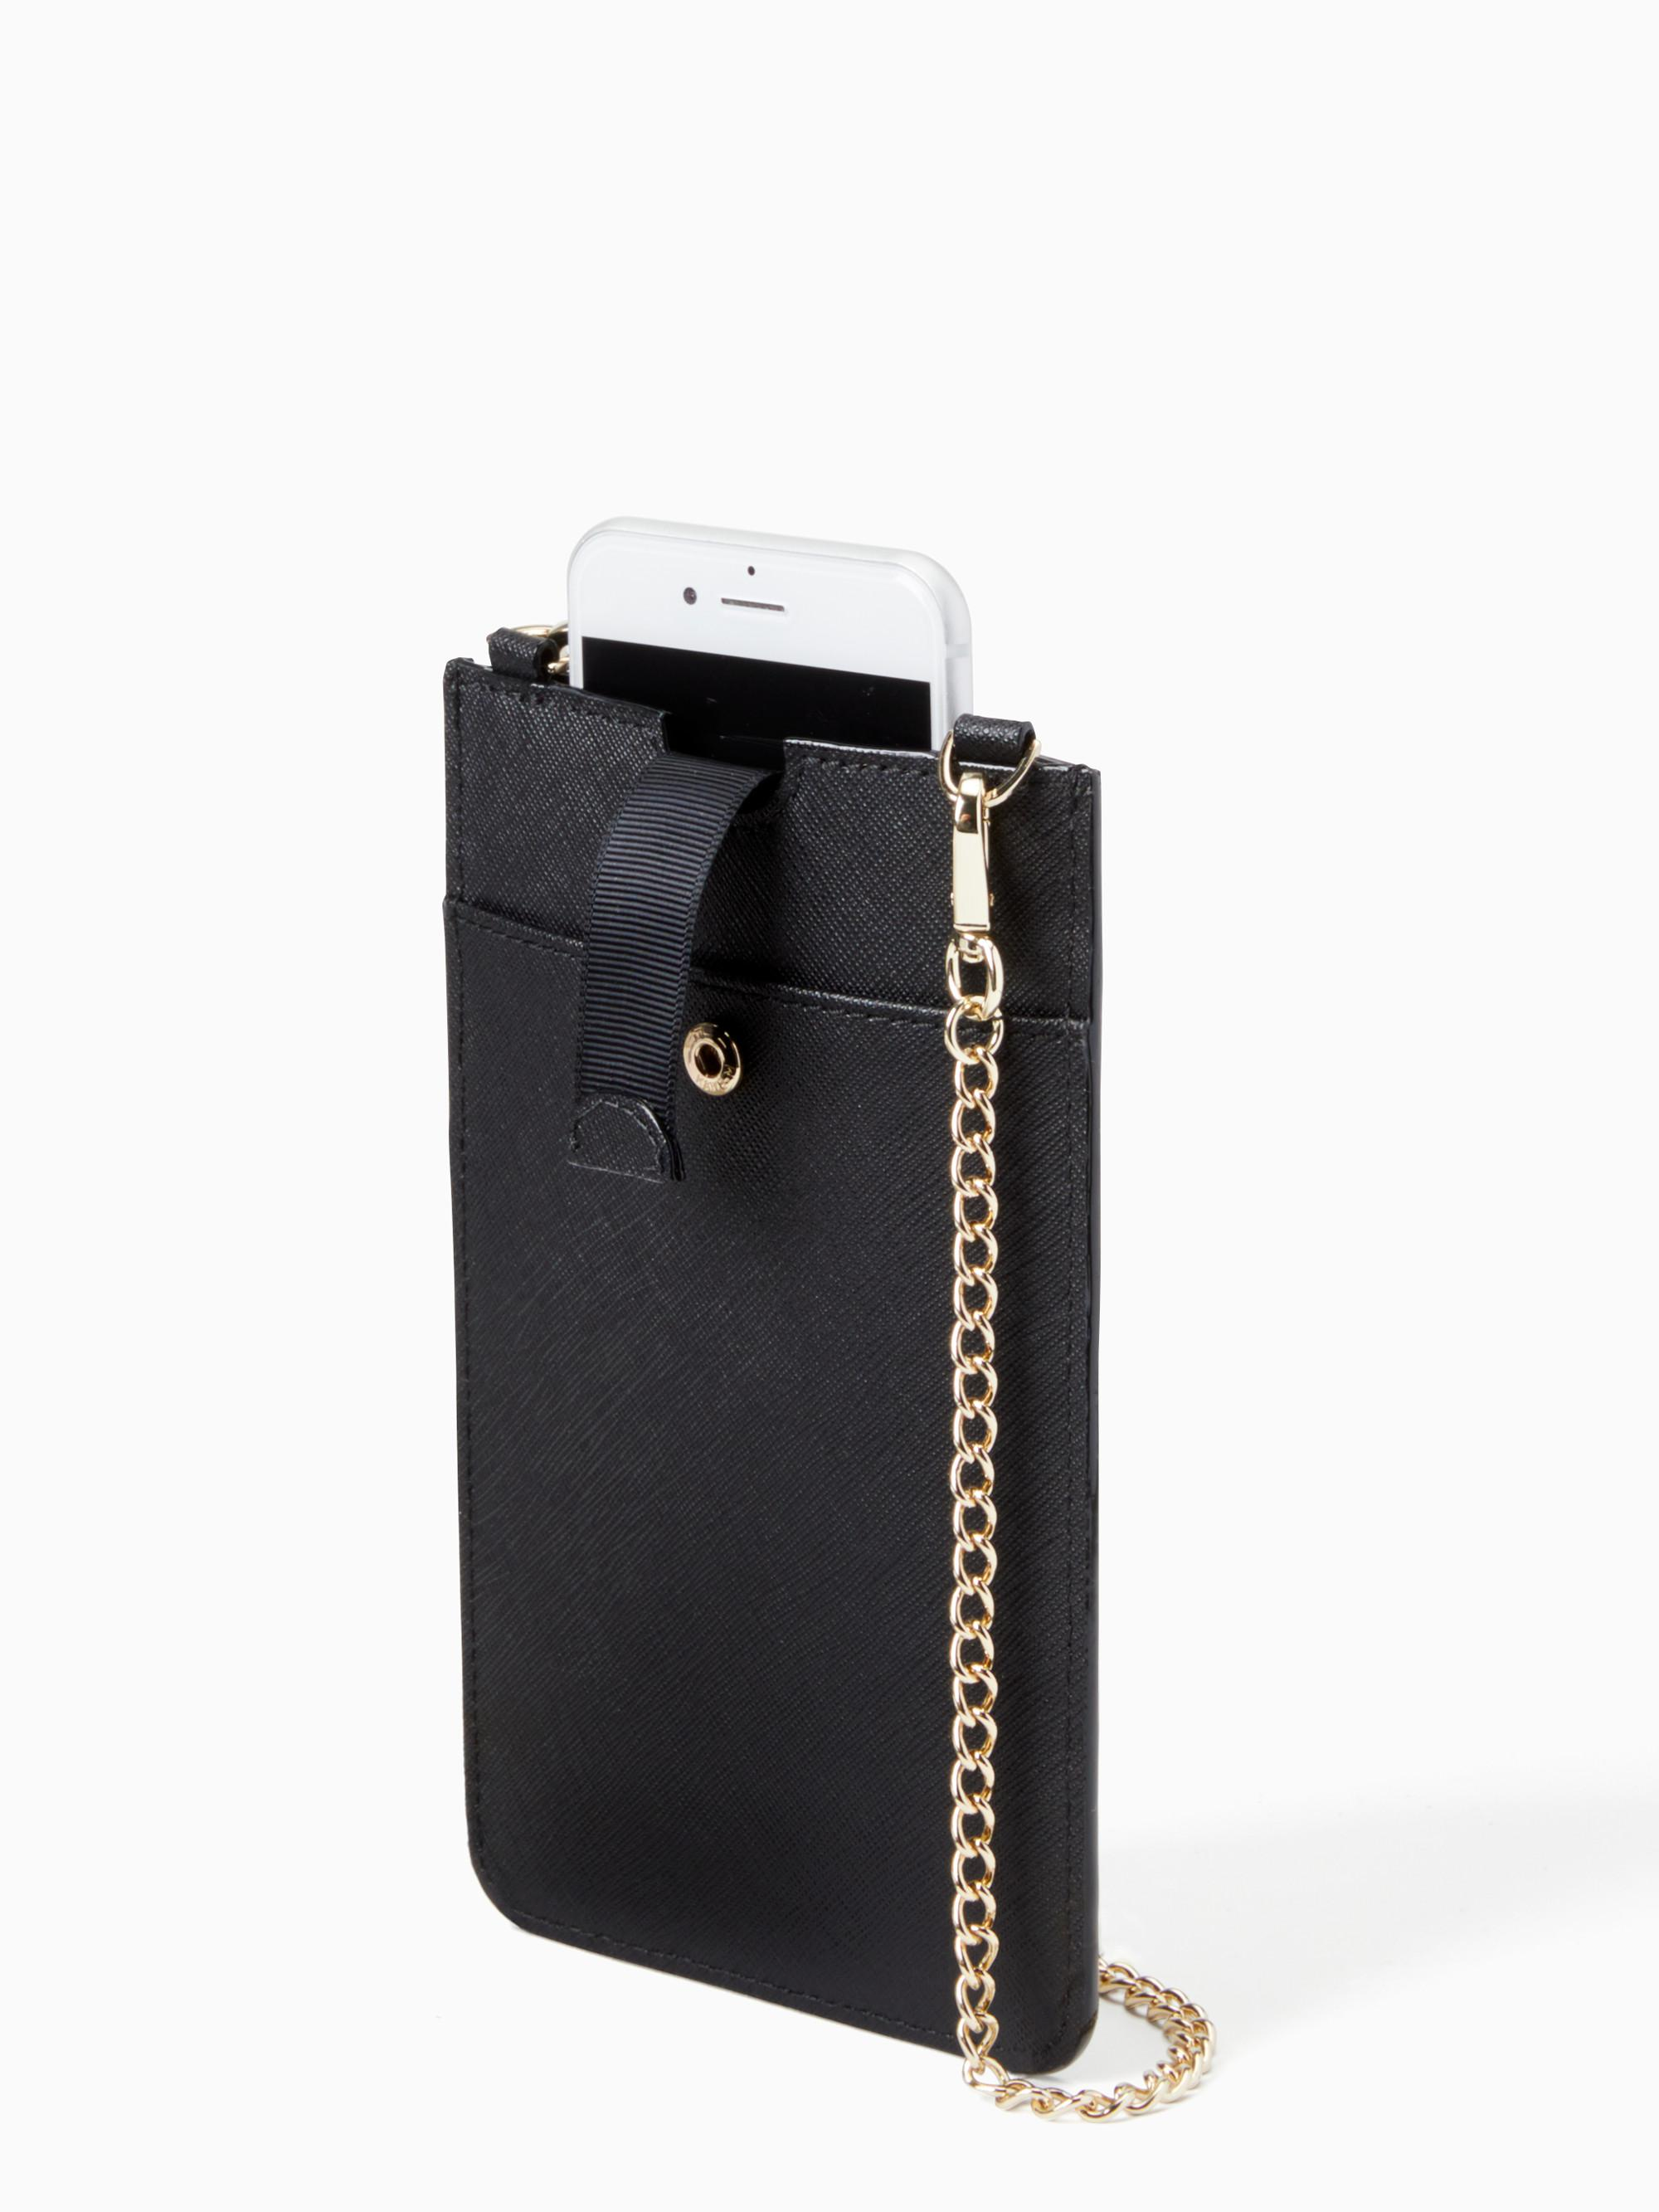 Lyst - Kate Spade Antoine Iphone Sleeve Crossbody in Black 57b6f2eb53808